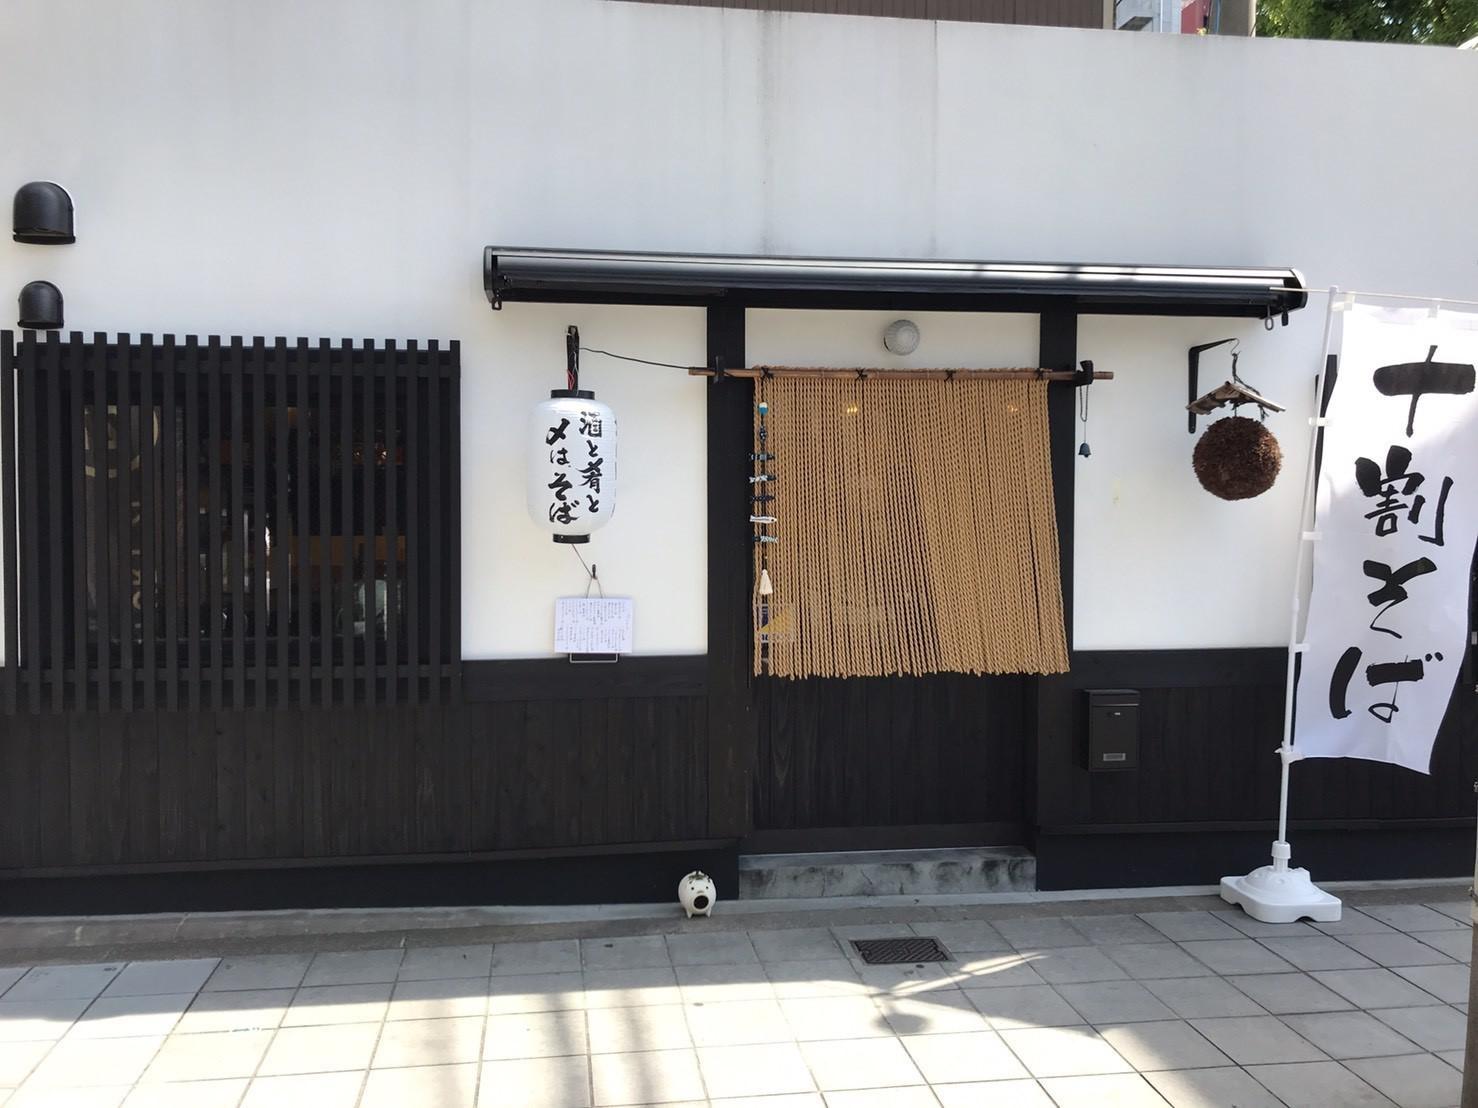 淀屋橋駅から少し南側の大阪ガスのビルの前/小料理ガスビルマエ